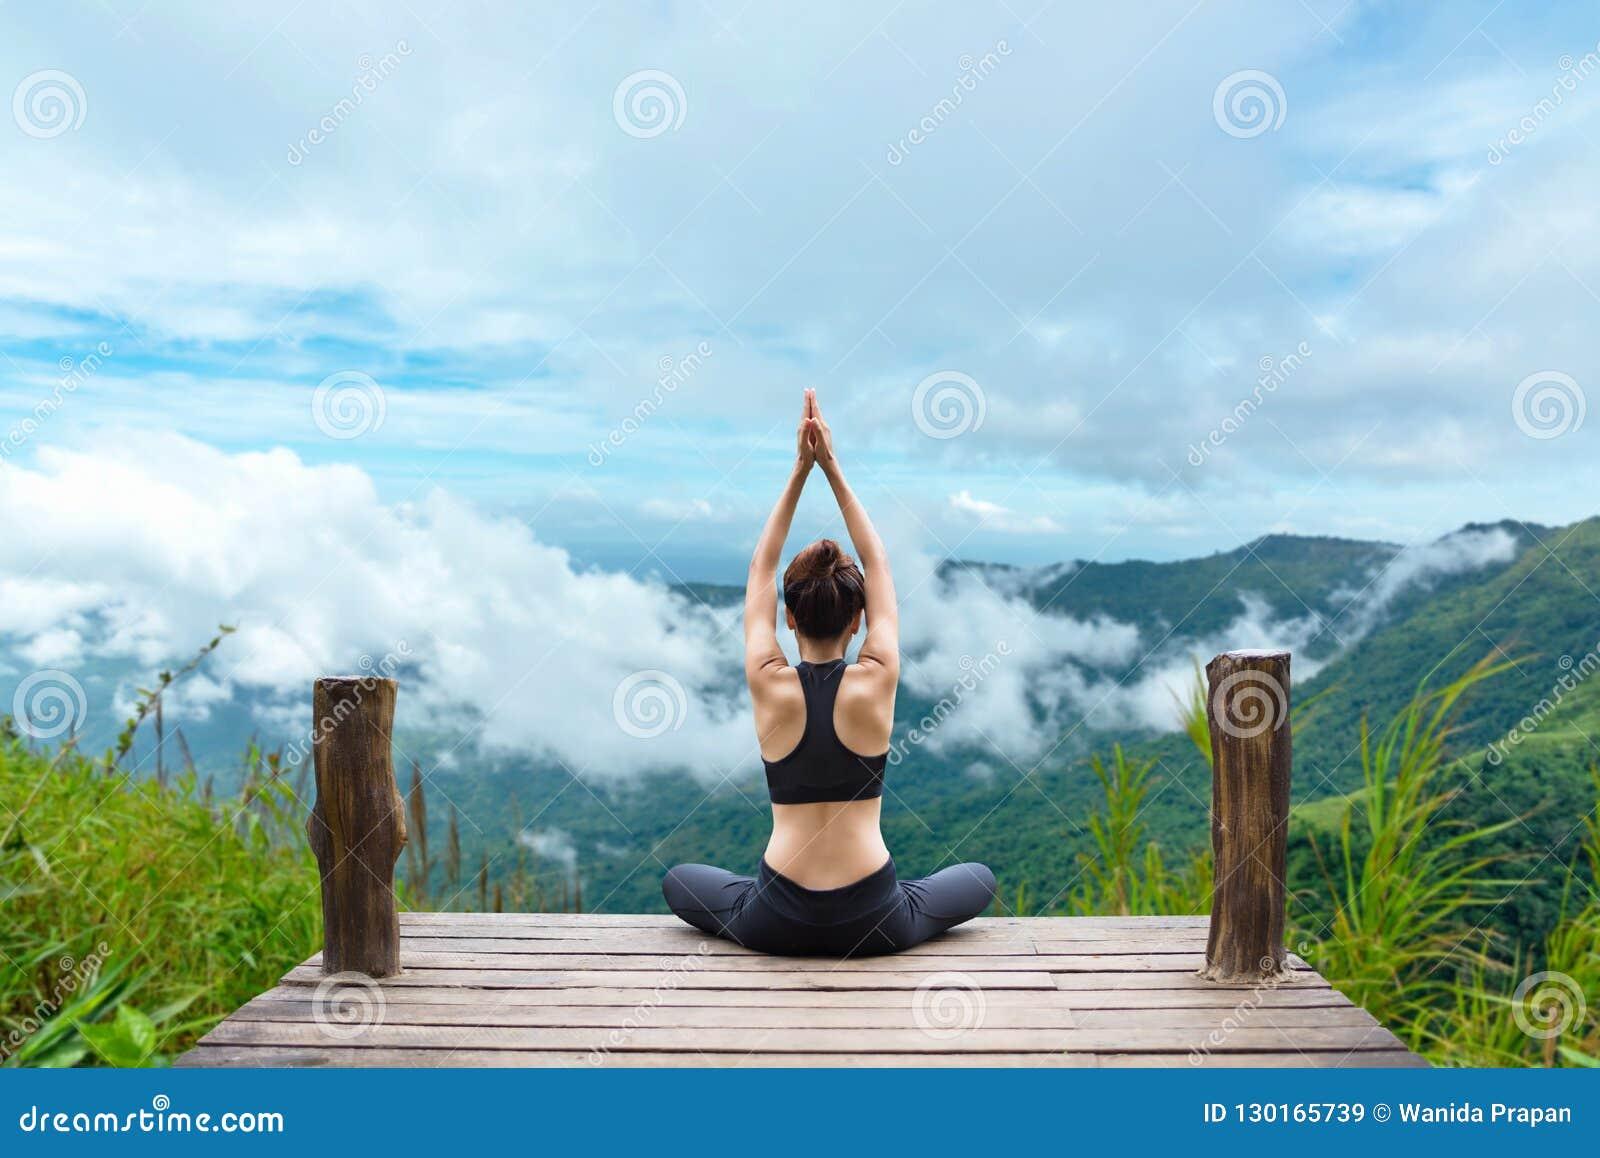 La forma de vida sana de la mujer equilibró practicar medita y yoga de la energía del zen en el puente por mañana la naturaleza d